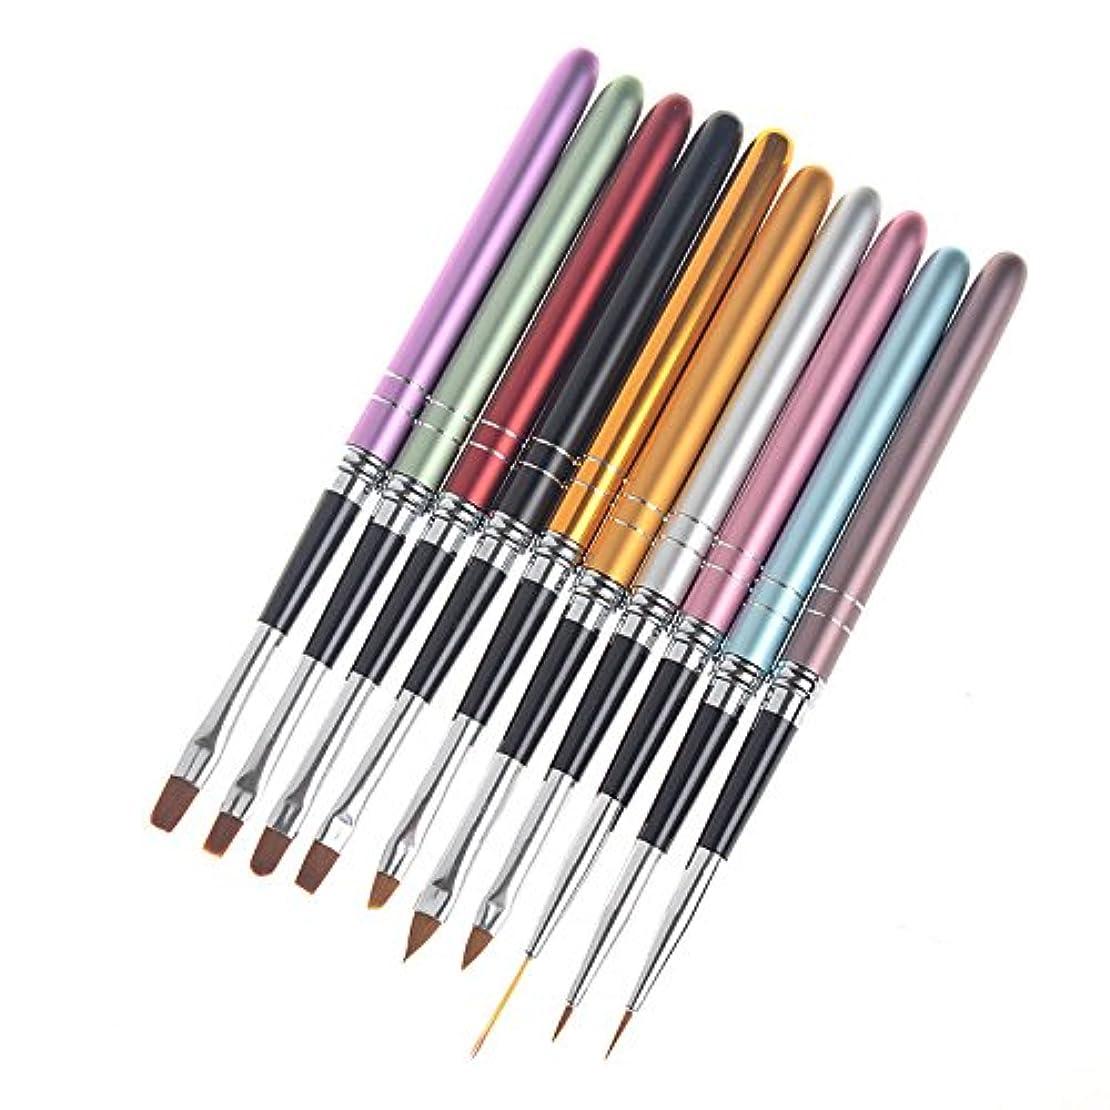 送料甘やかす間欠CUTICATE ネイルペン ブラシペン ネイルブラシ 描画ブラシペン 耐久性 ネイル道具 約10本入り